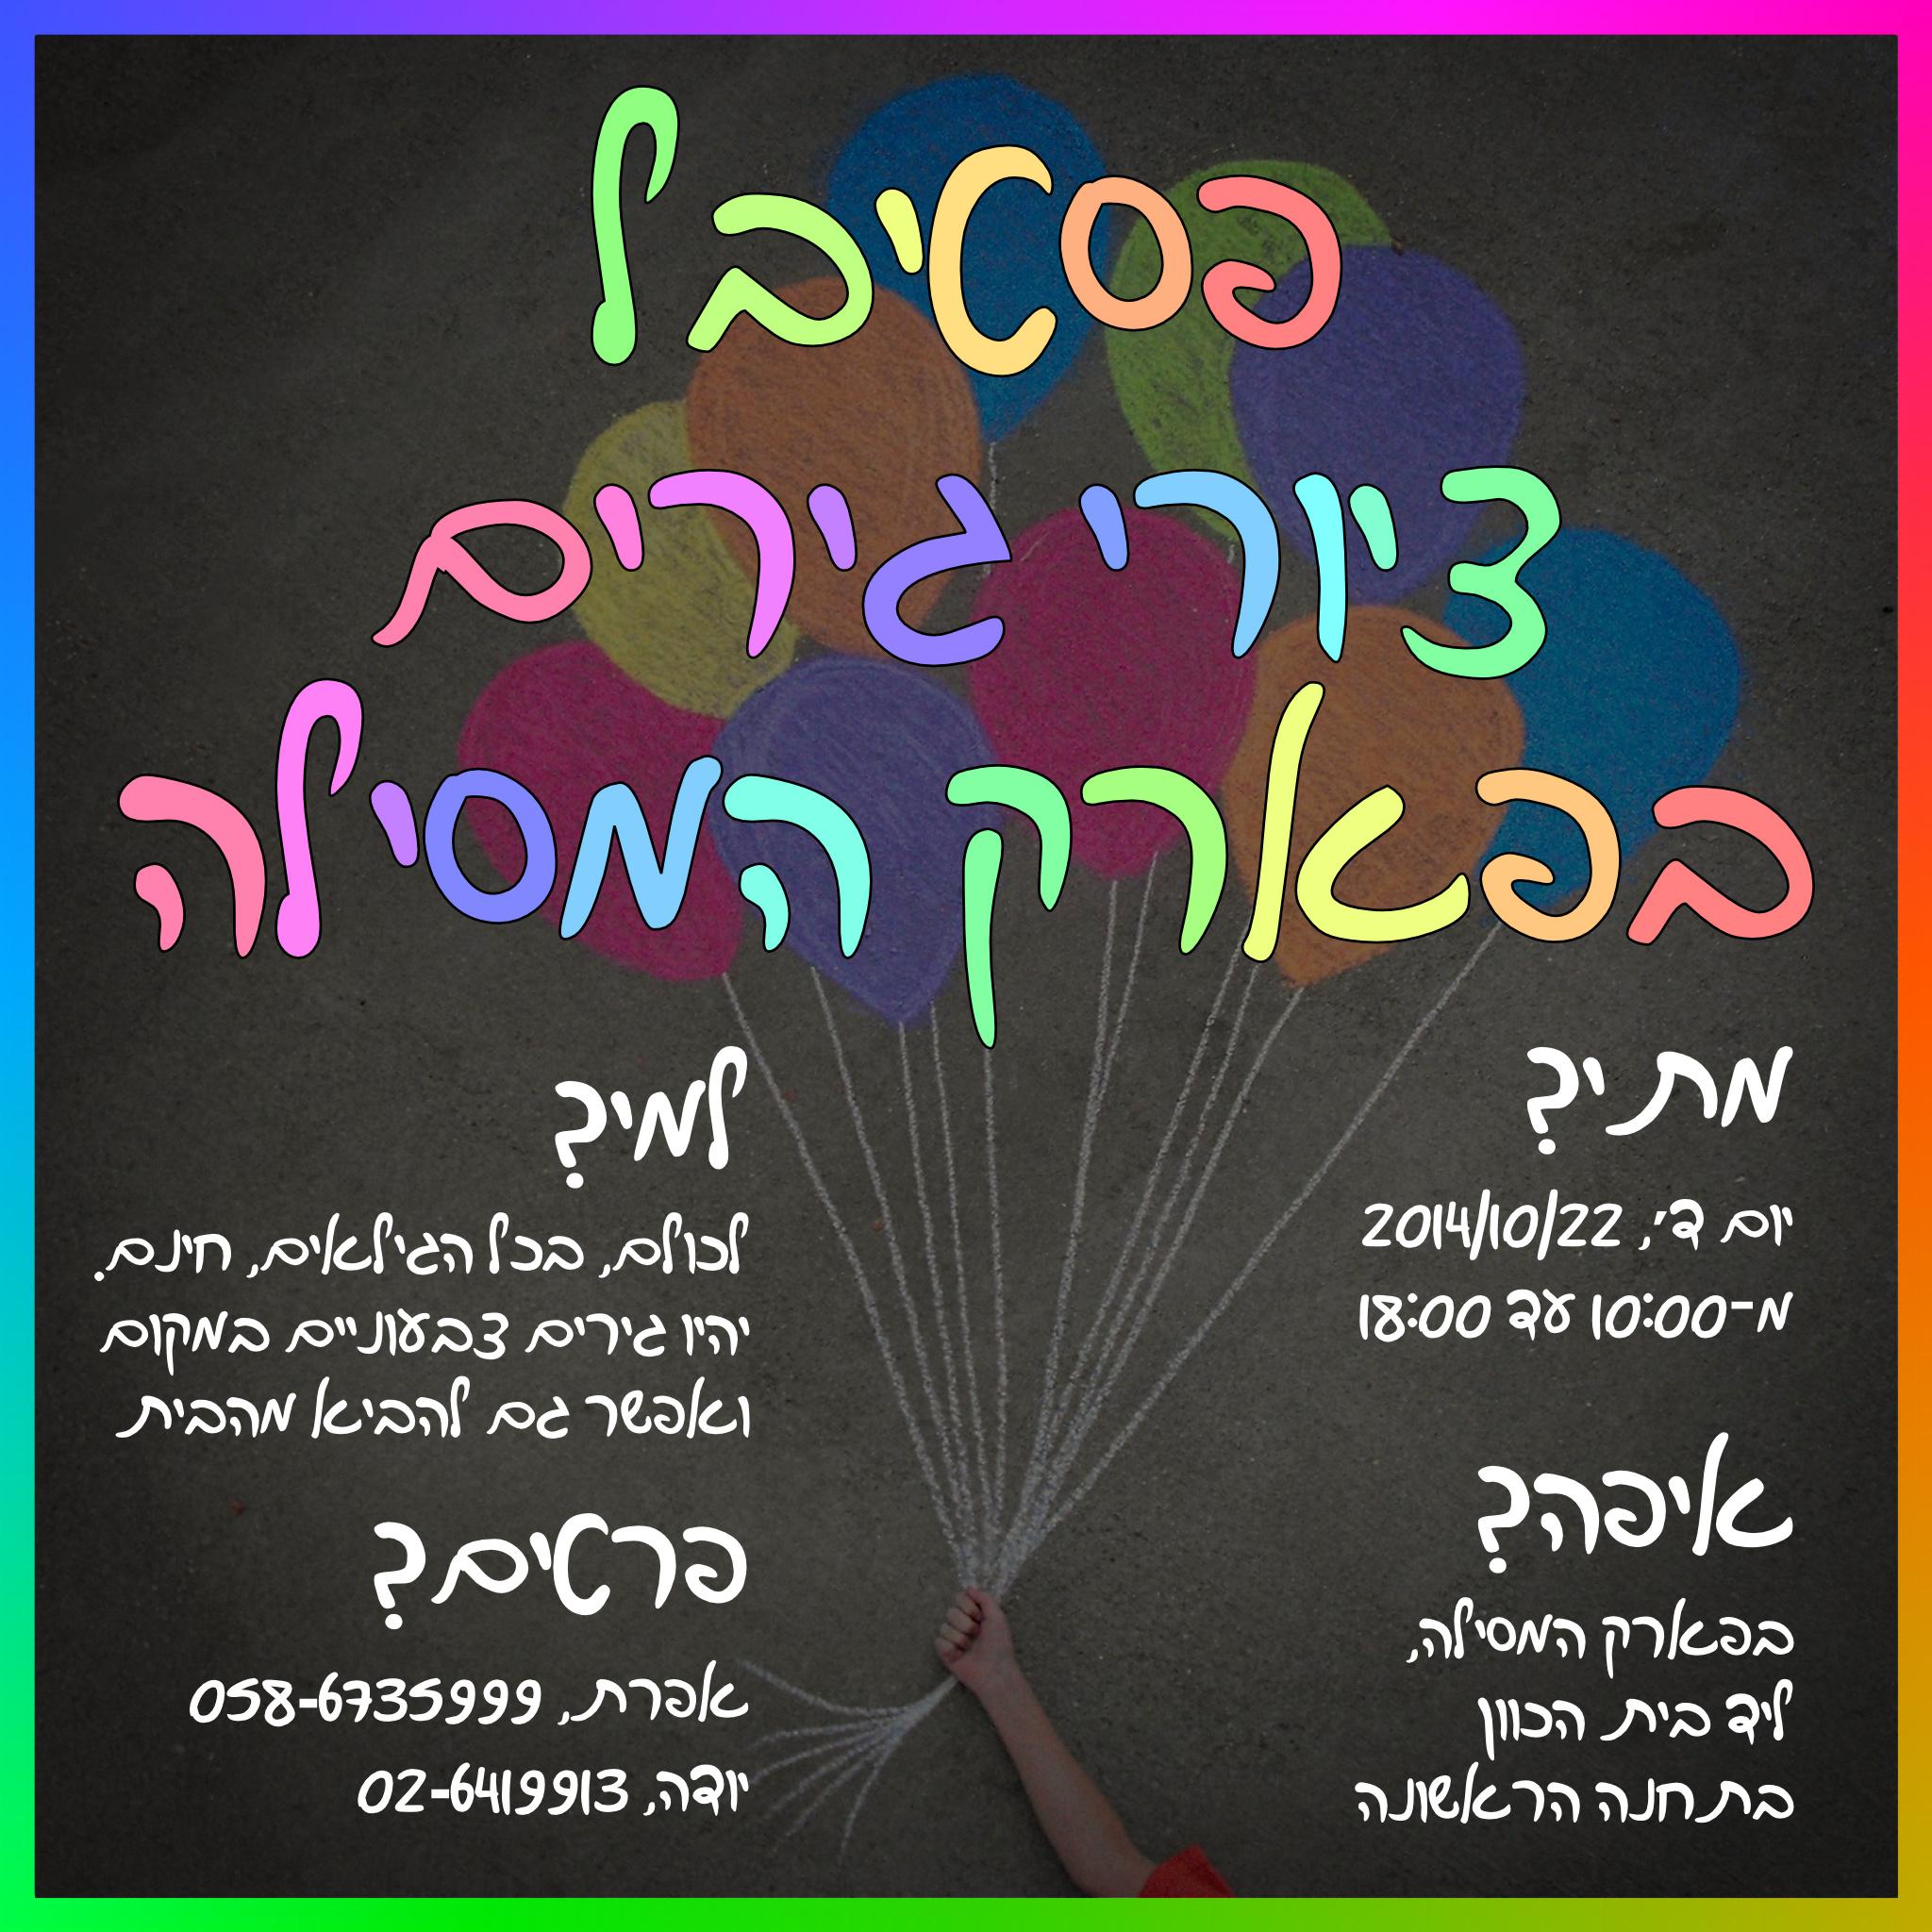 פסטיבל הגירים הראשון בירושלים